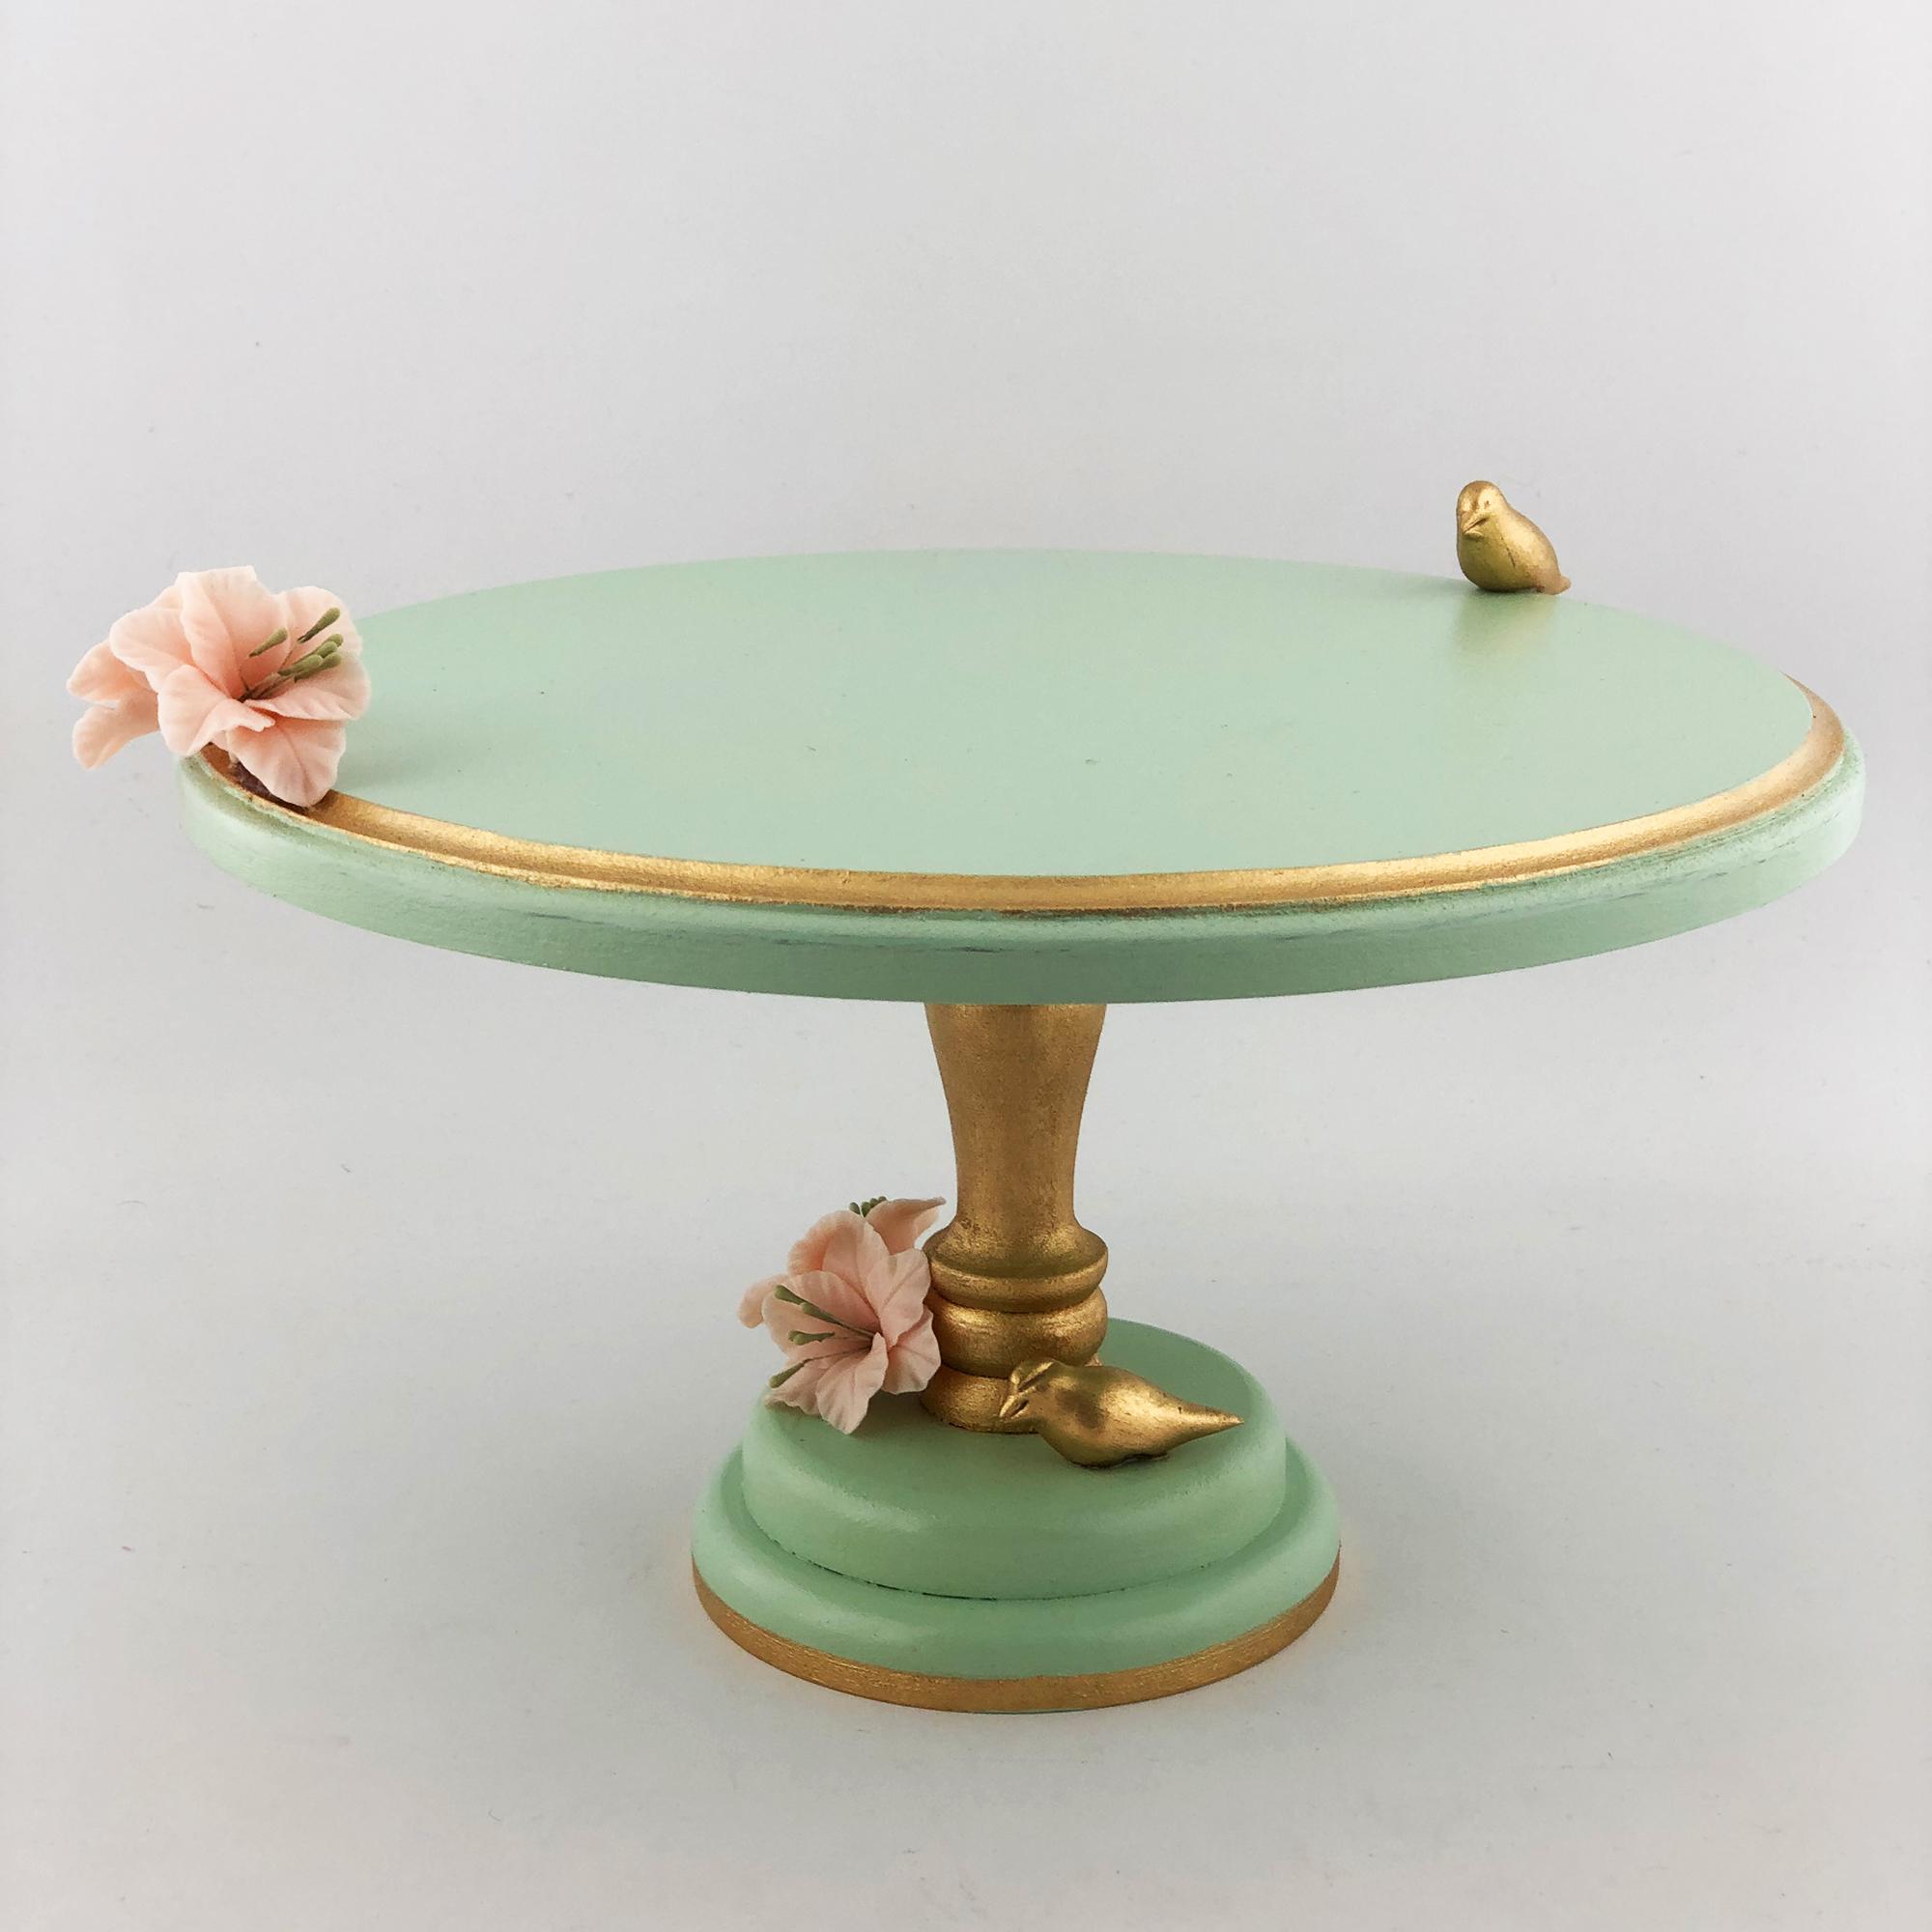 کیک خوری طرح گل و پرنده مدل gz99228 main 1 3